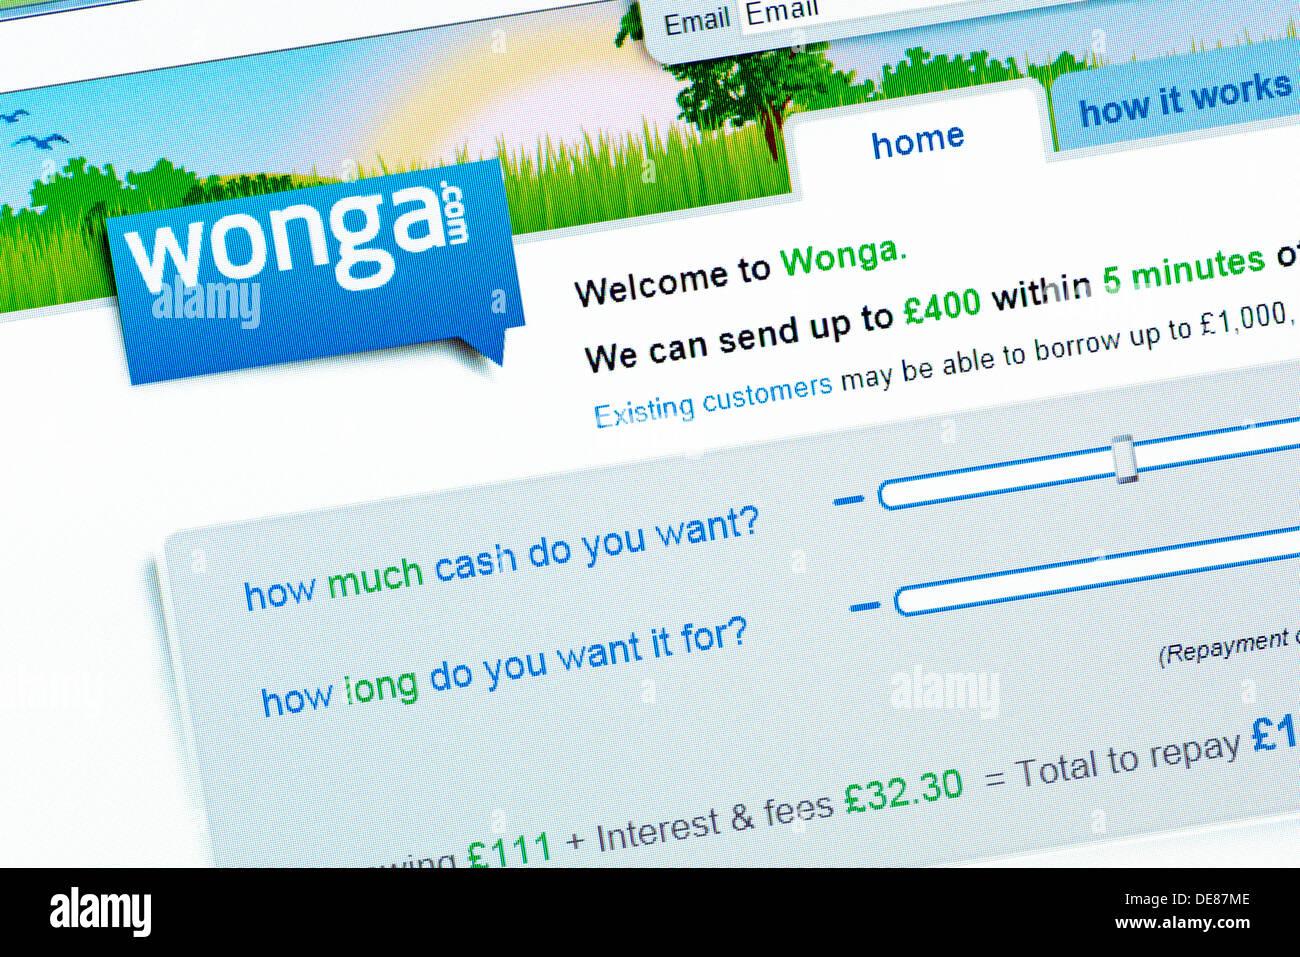 Wonga.com. Sito web della Payday Loan Company. Offerta Wonga.com a breve termine ad alta interessi a credito ai consumatori e alle imprese. Immagini Stock